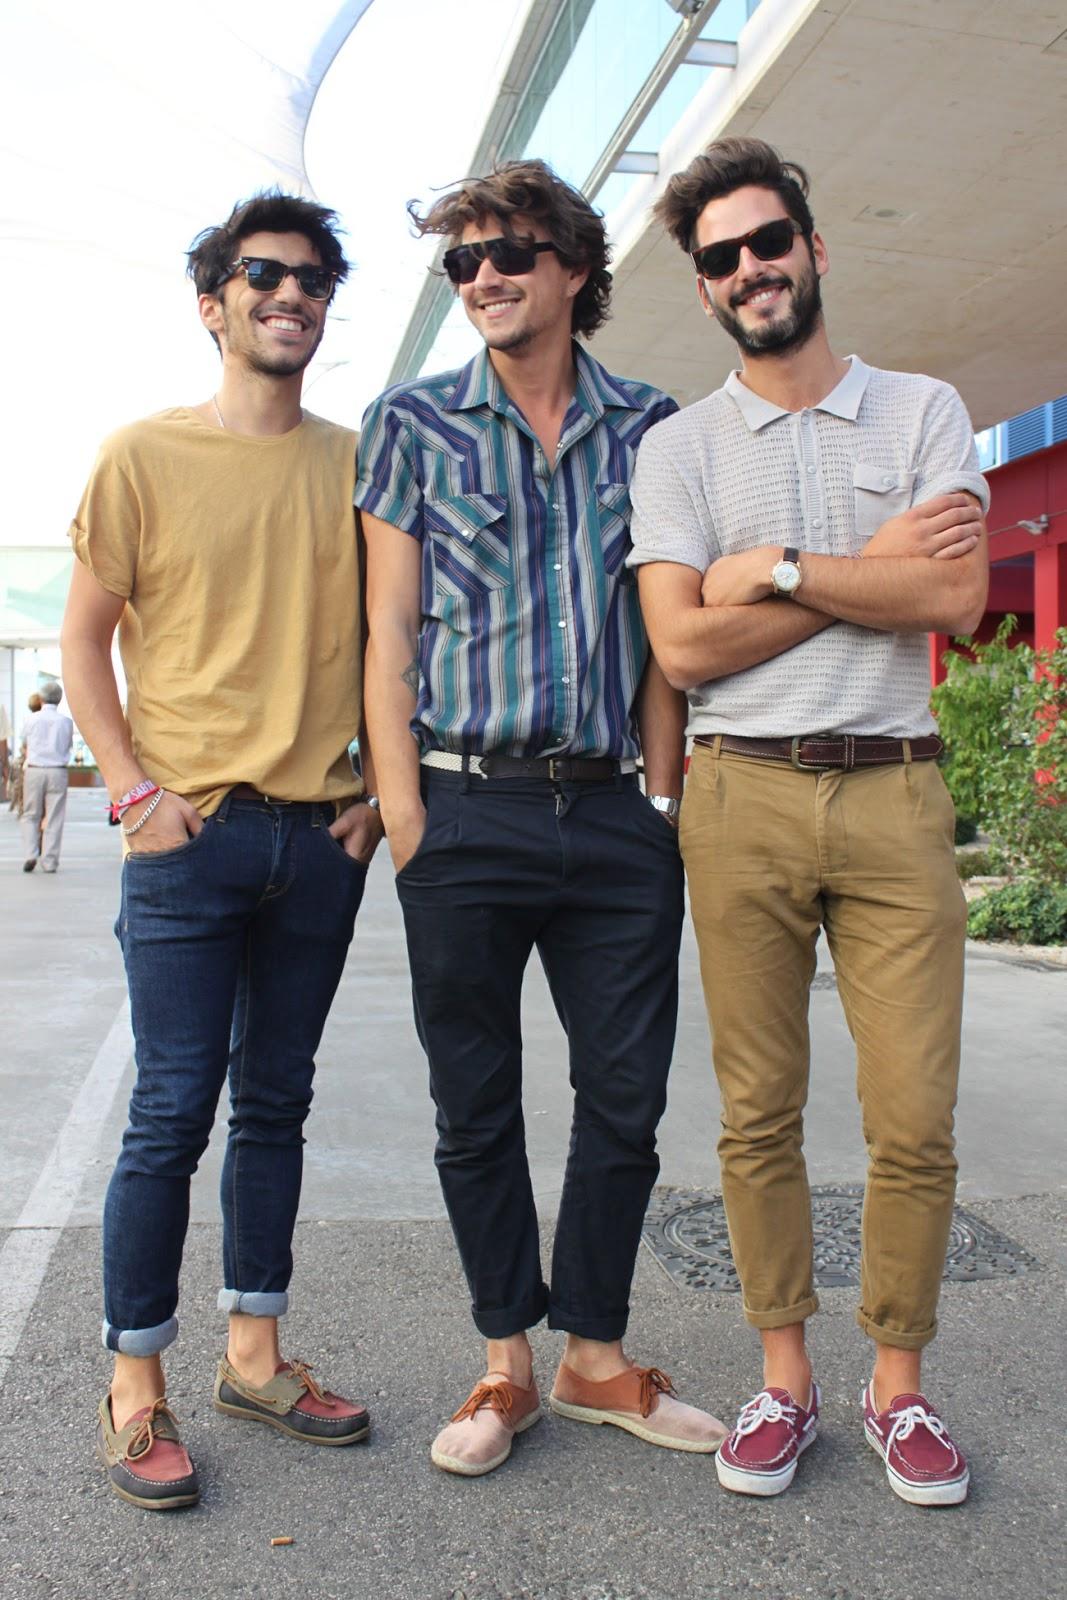 La cueva de charles c mo preparar una fiesta hipster - Madrid chic style ...